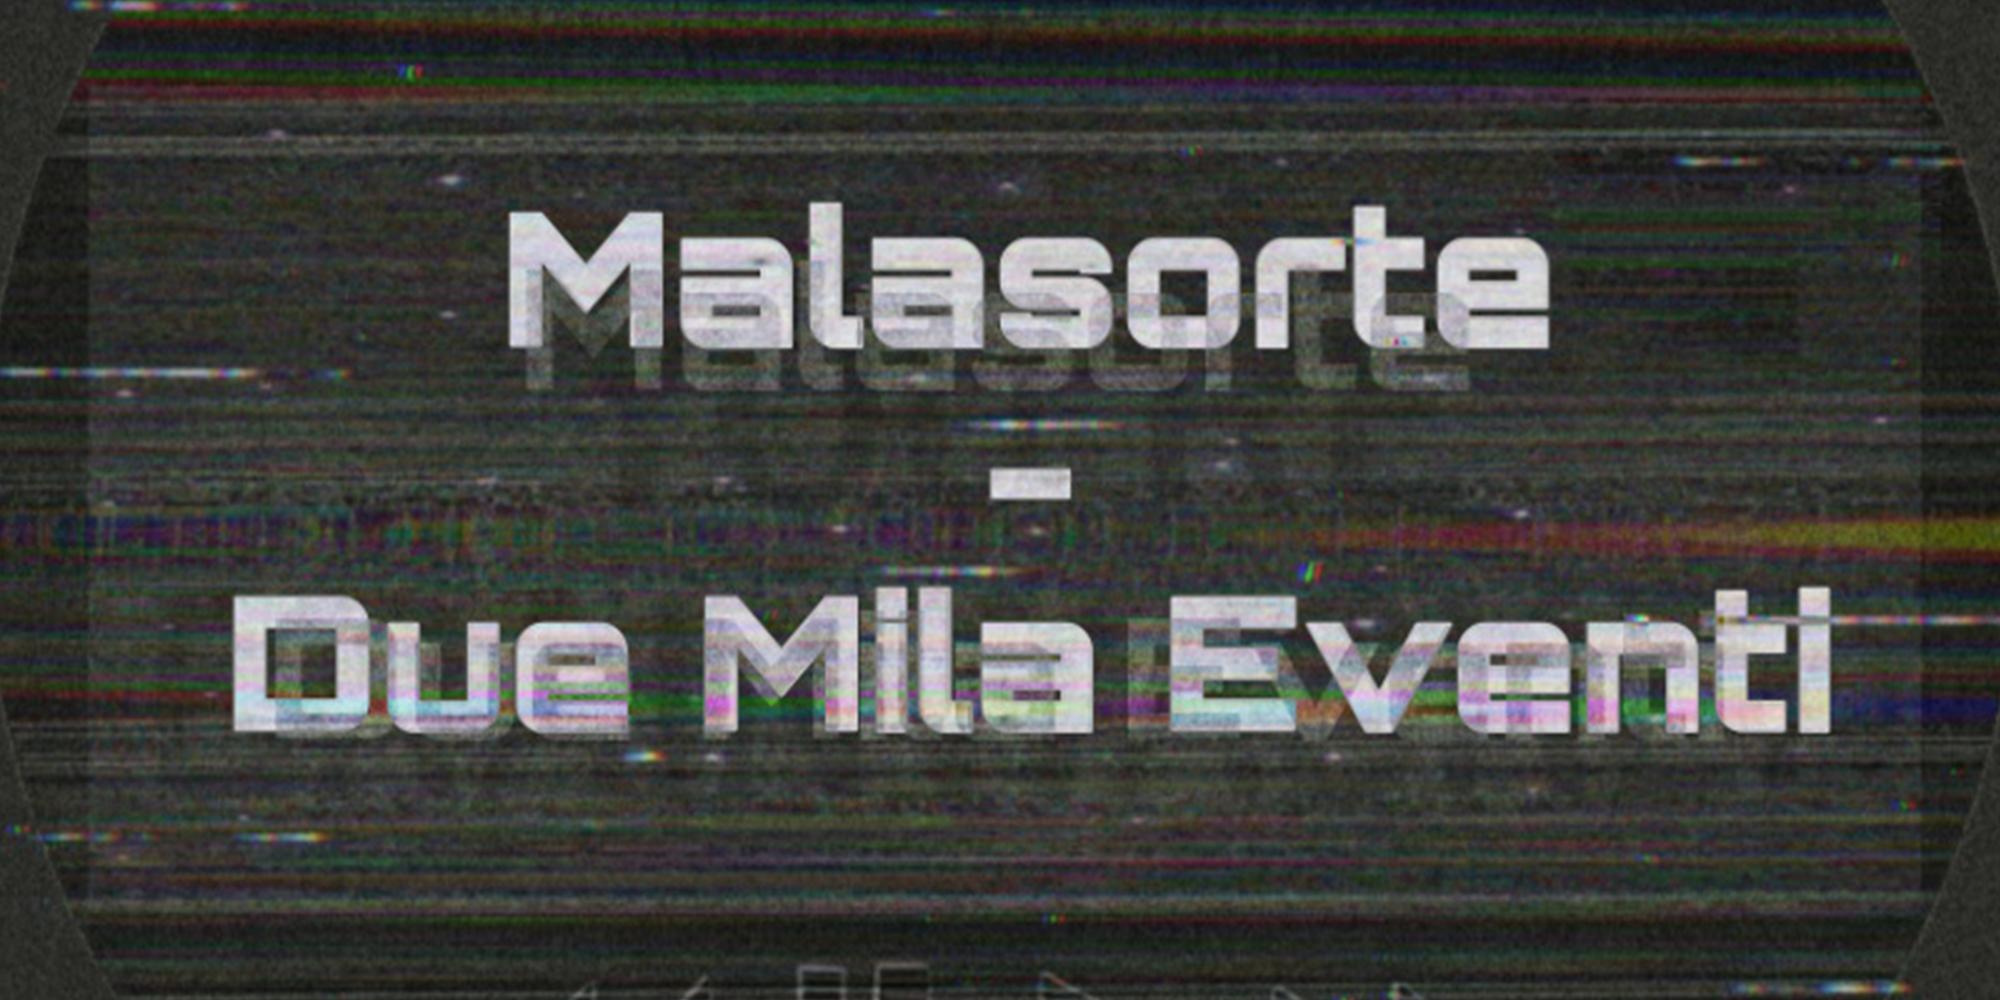 Malasorte - Duemila eventi